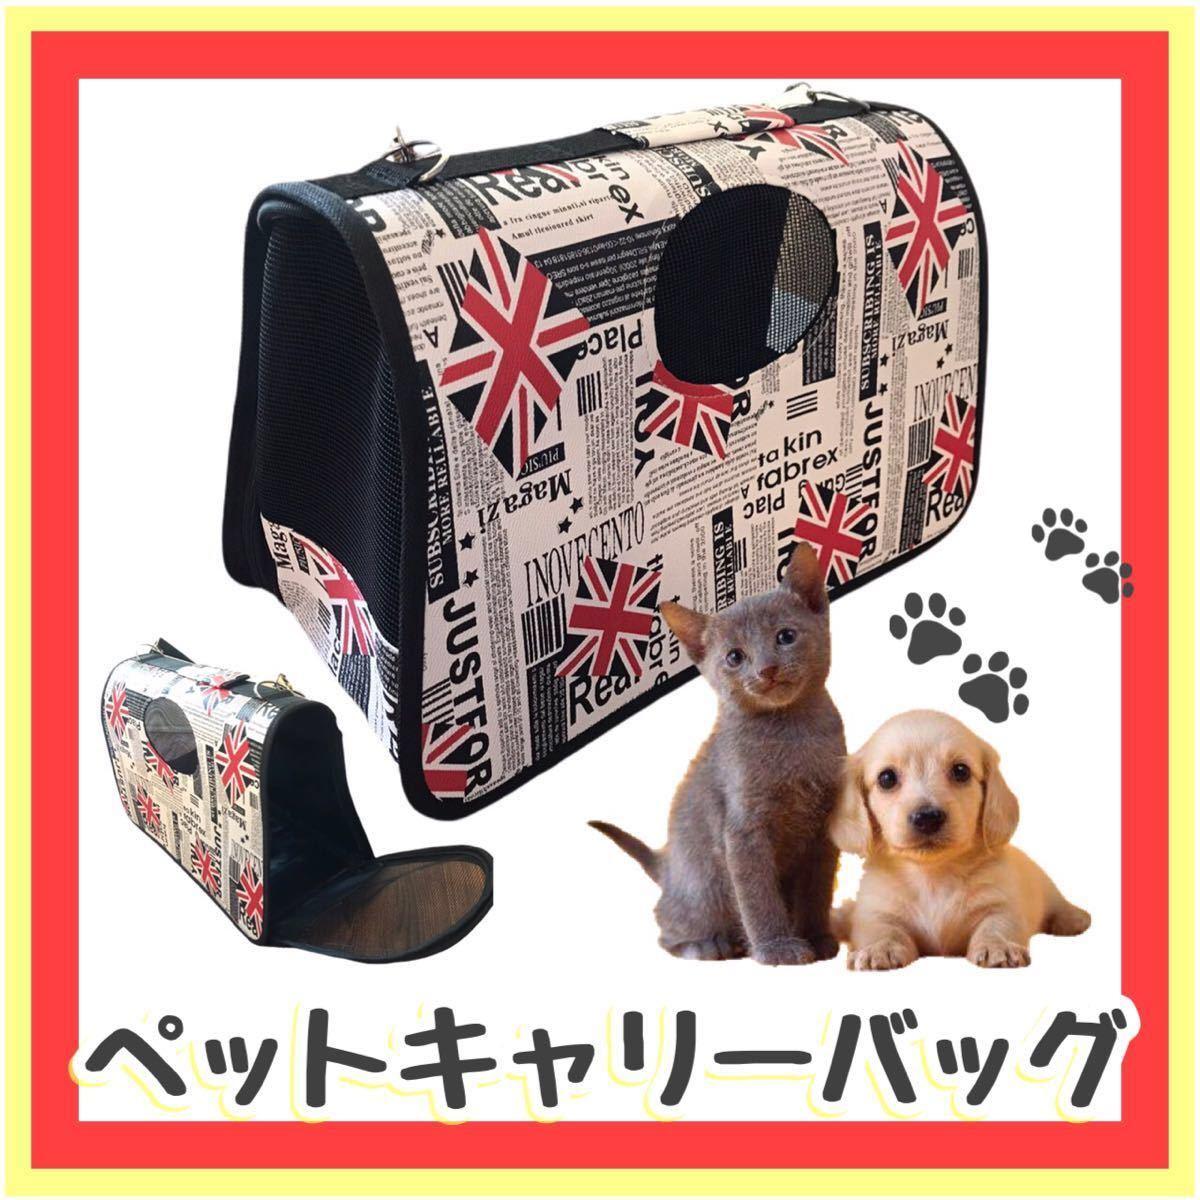 ペットキャリーバッグ ペットバッグ 犬 猫 小動物用 折りたたみ式